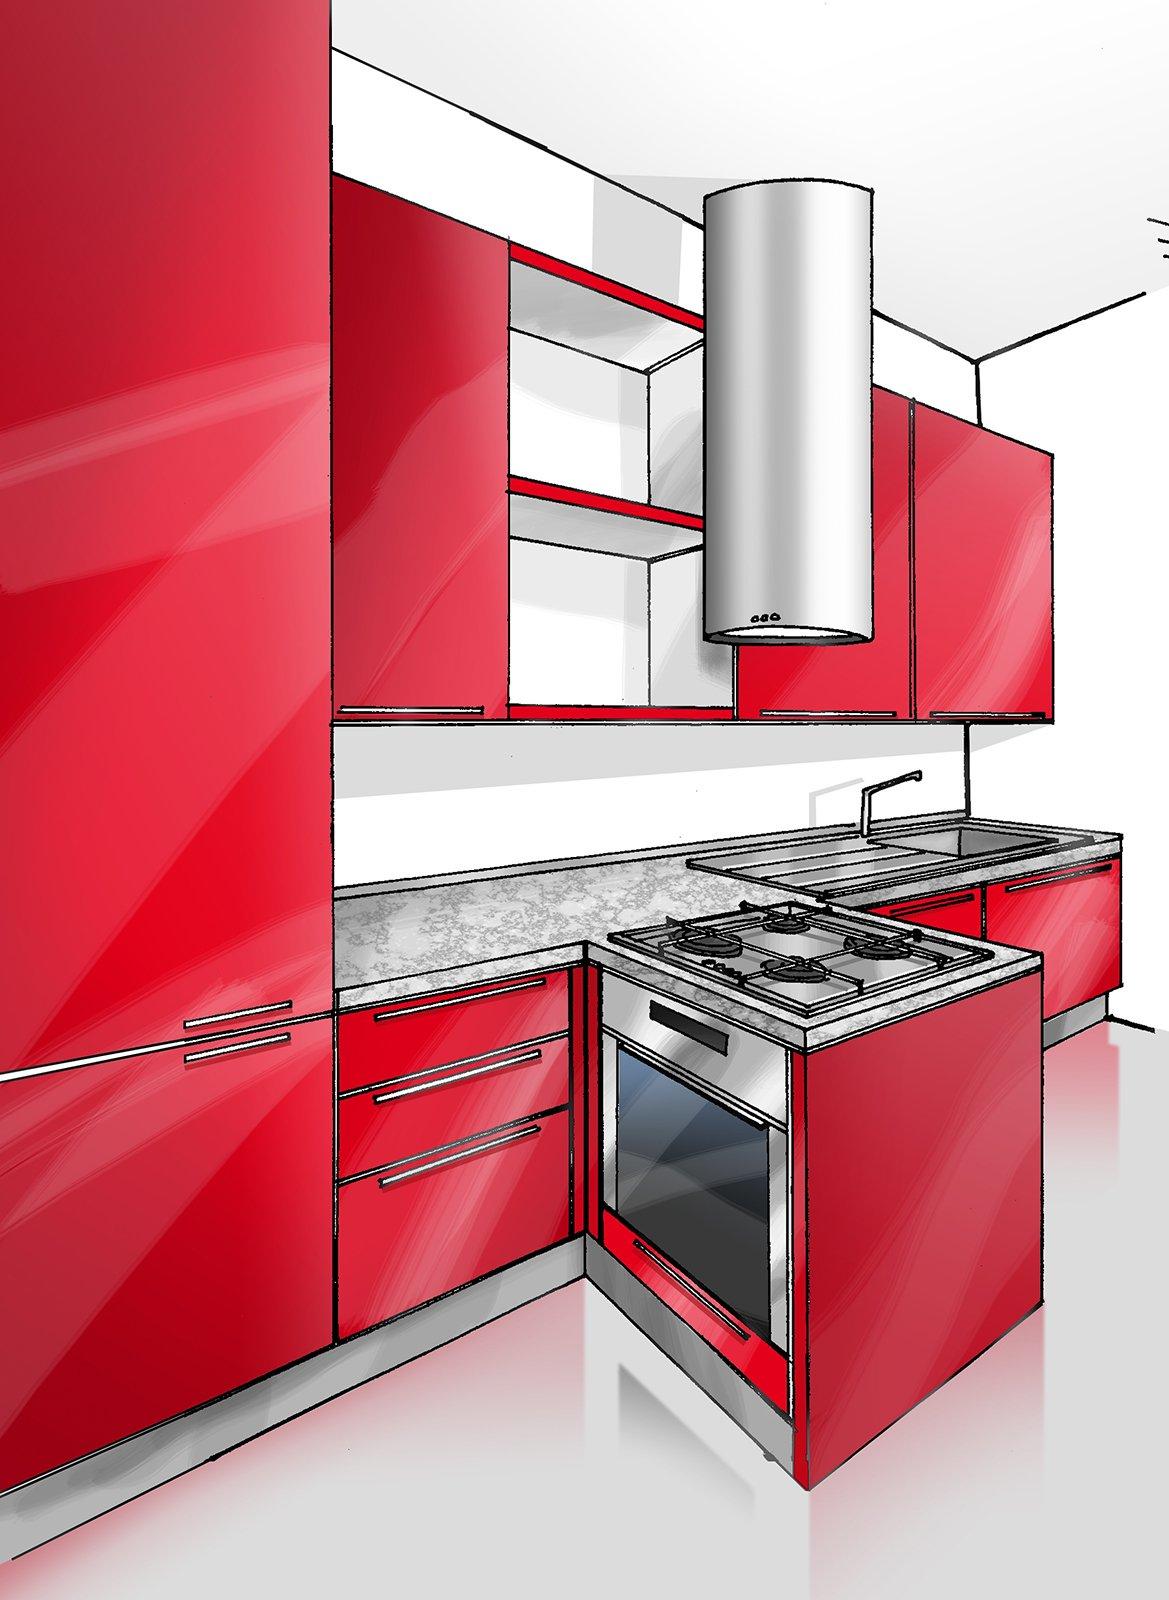 Cucina Concentrata In 3 Metri #901624 1169 1600 Foto Di Cucine In Stile Provenzale